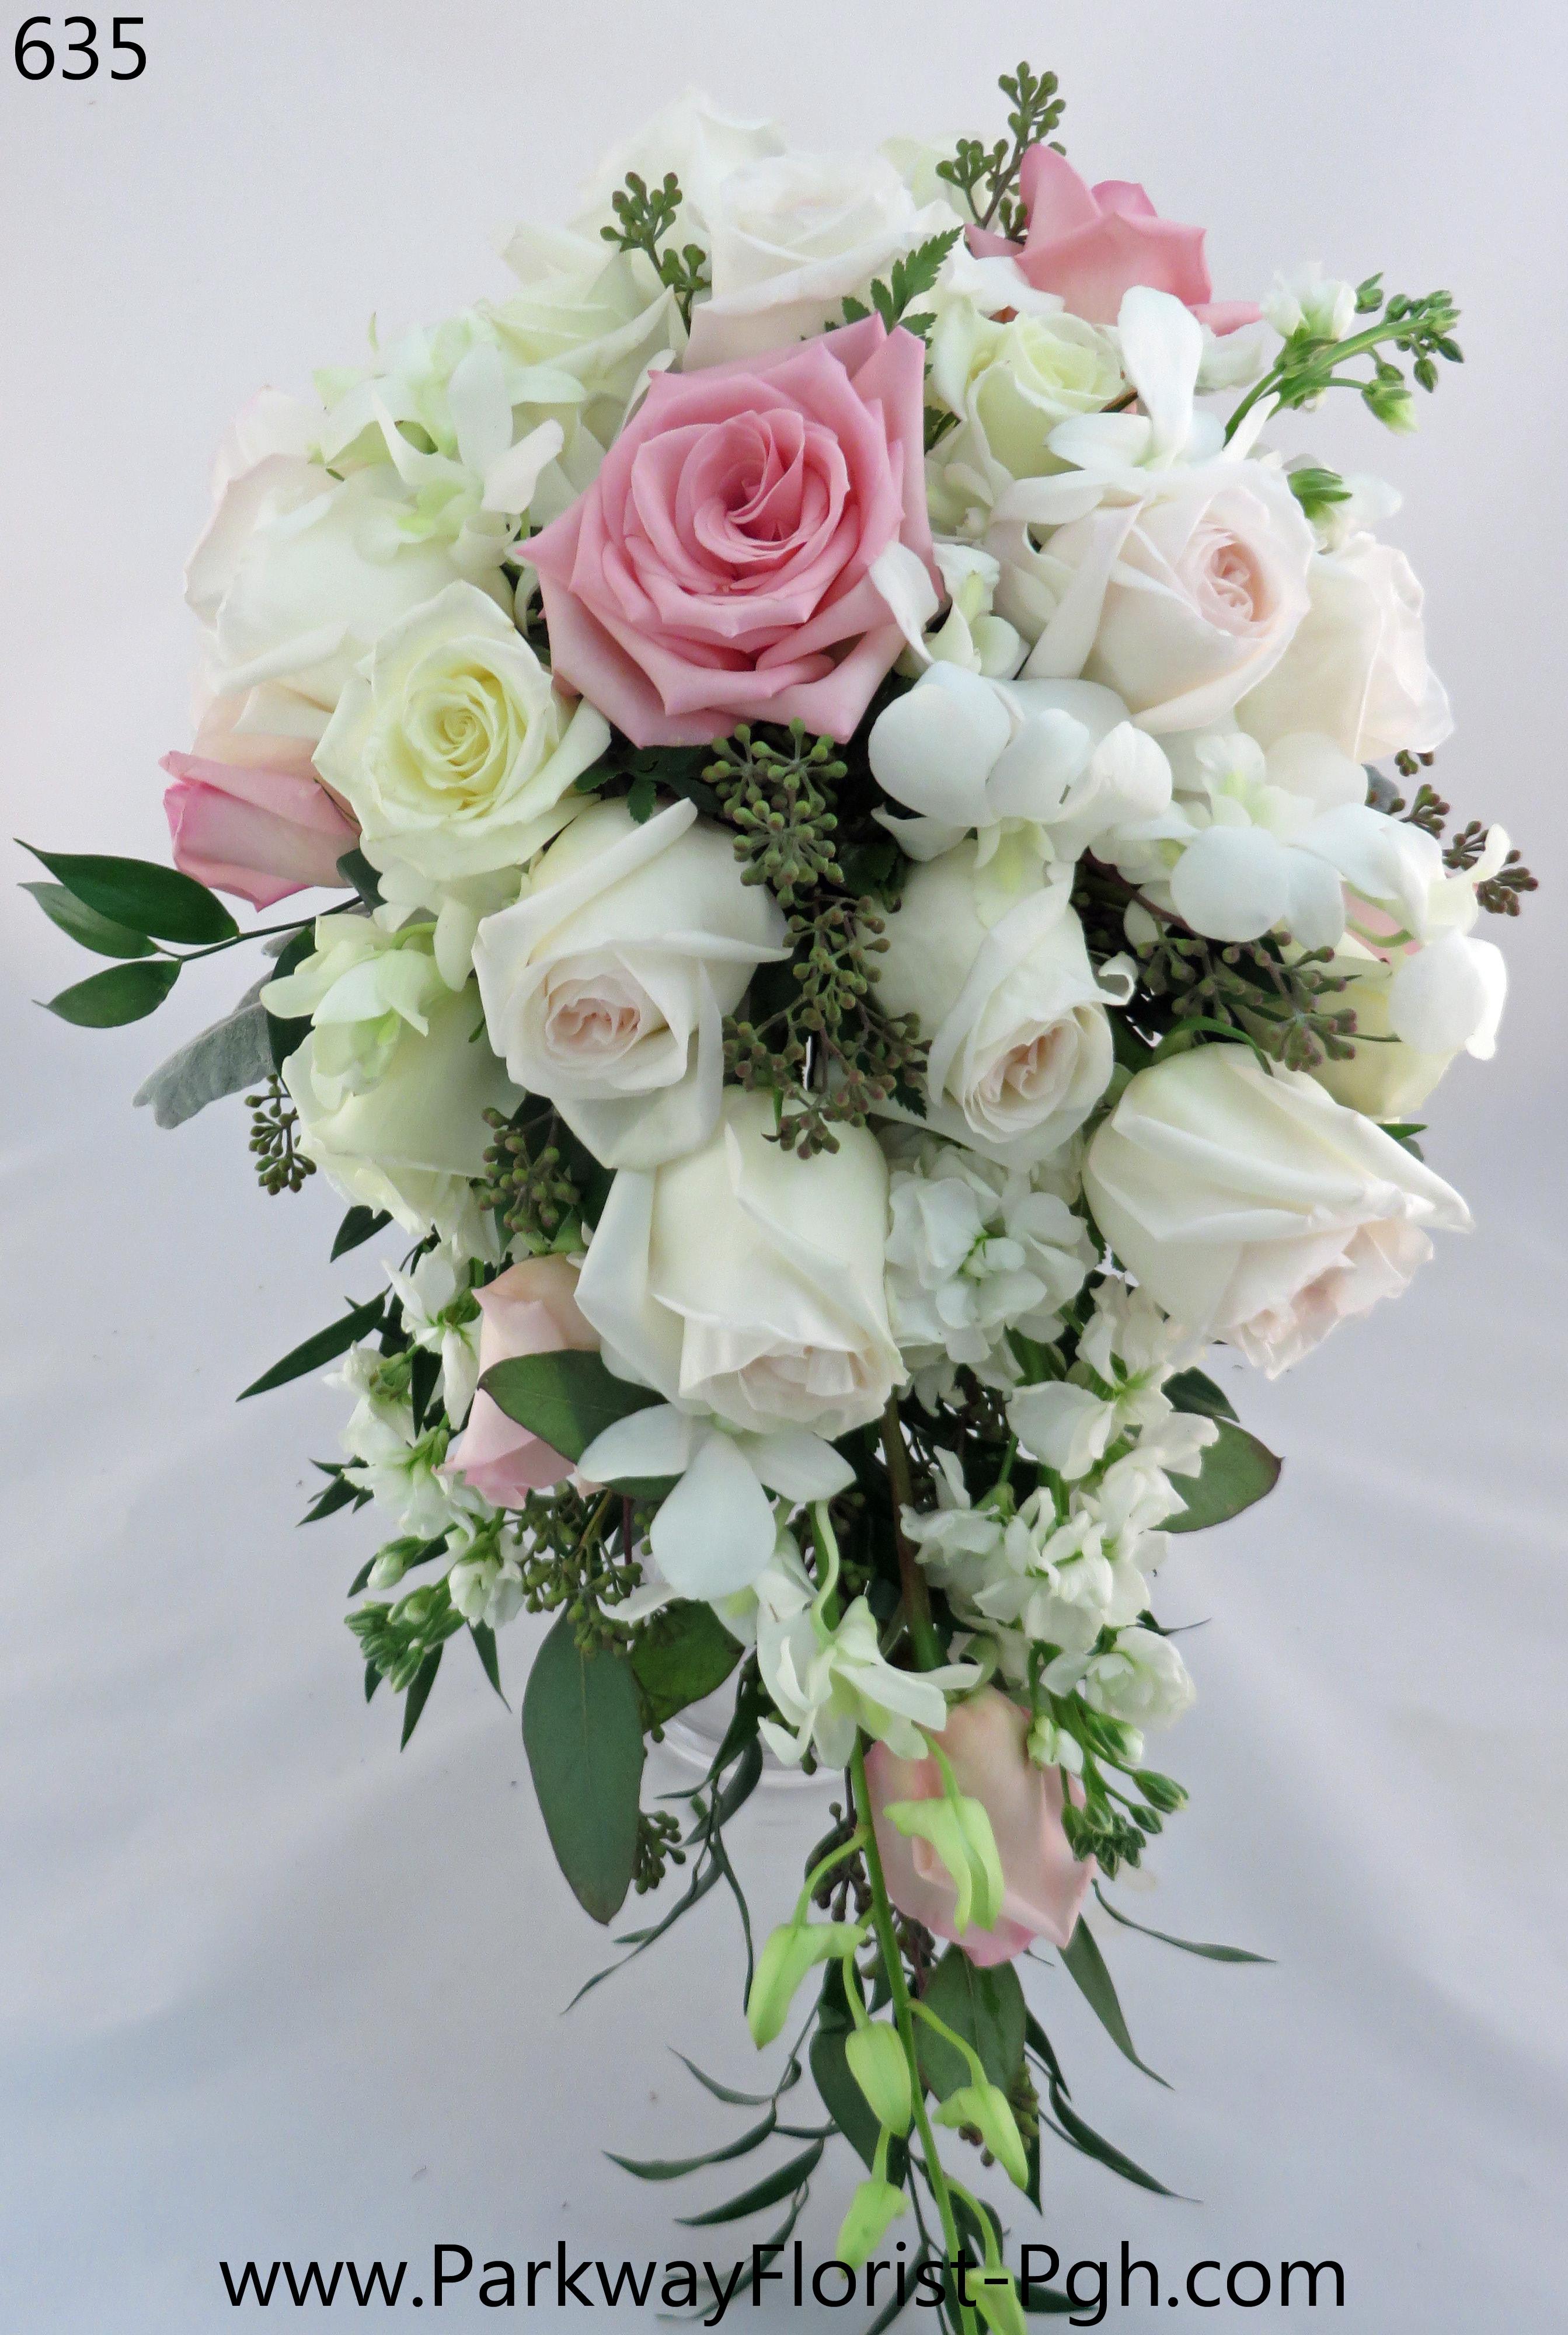 bouquets-635